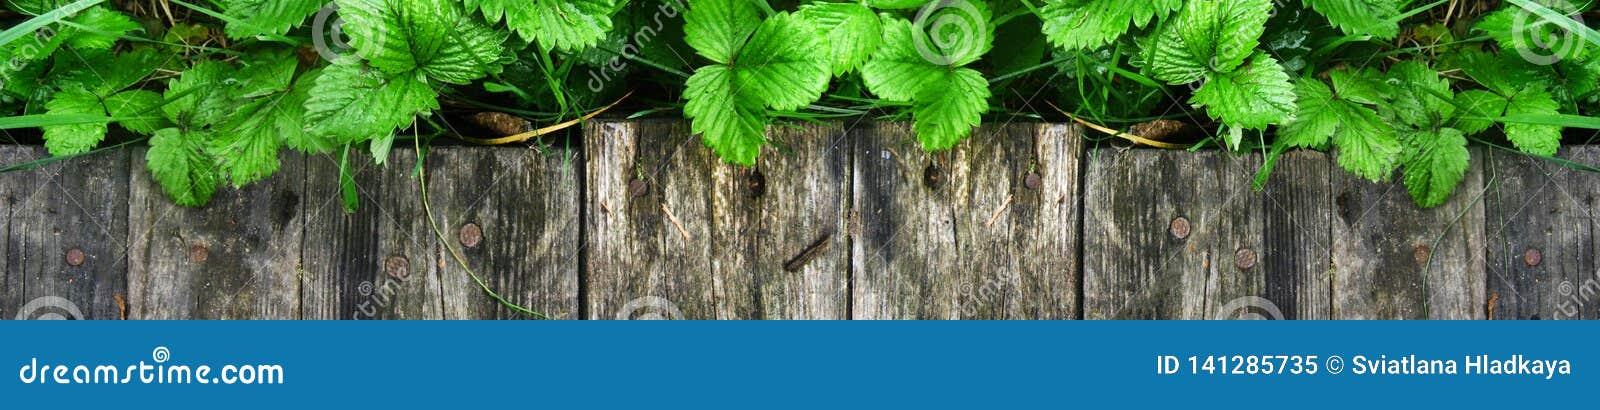 Los lanzamientos y las hojas jovenes de los arbustos de fresa brillantes sin las bayas crecen cerca de la calzada de madera